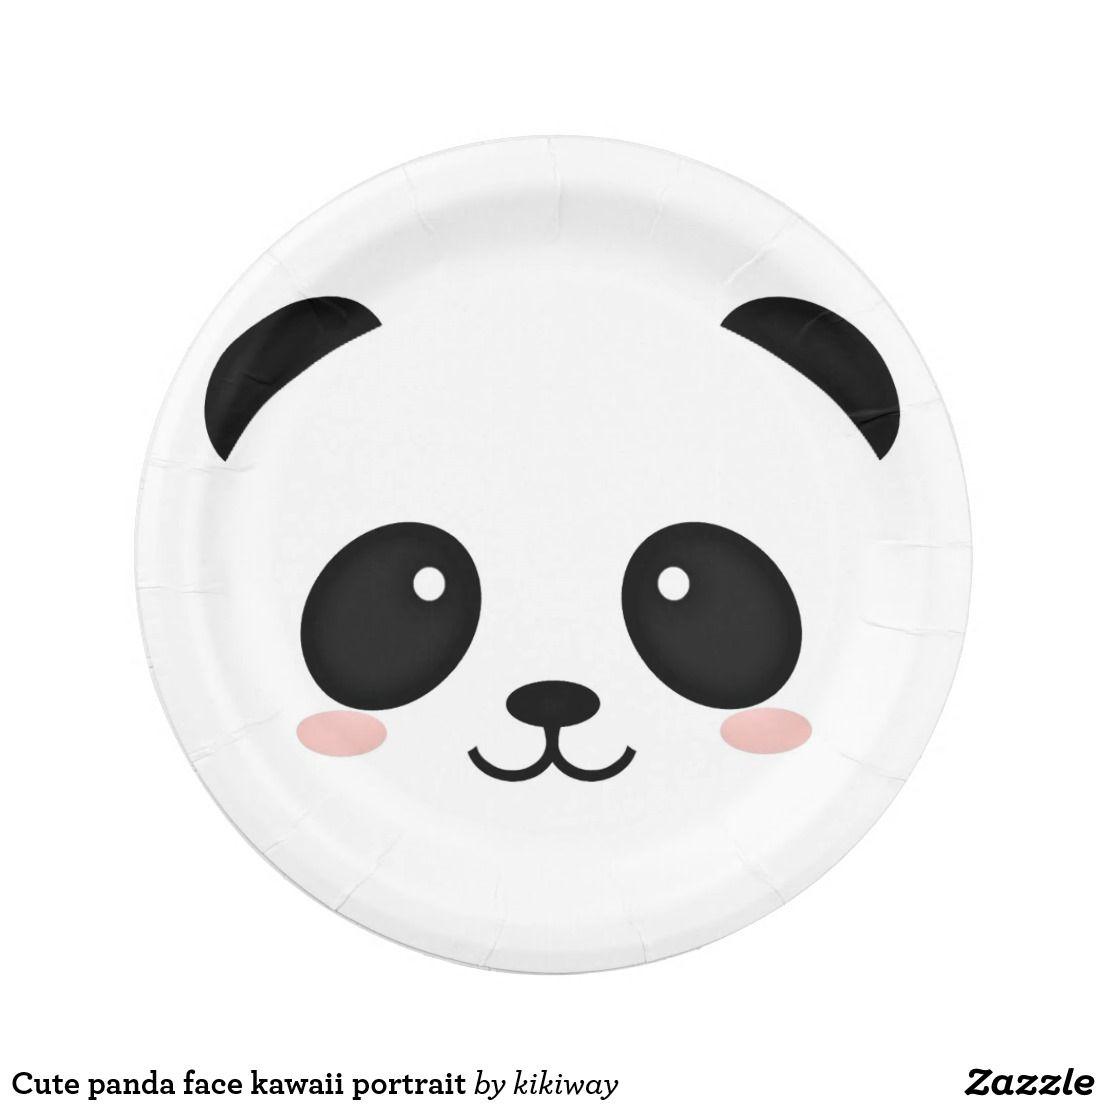 Cute Panda Face Kawaii Portrait Cute Panda Wallpaper Panda Wallpapers Cute Panda